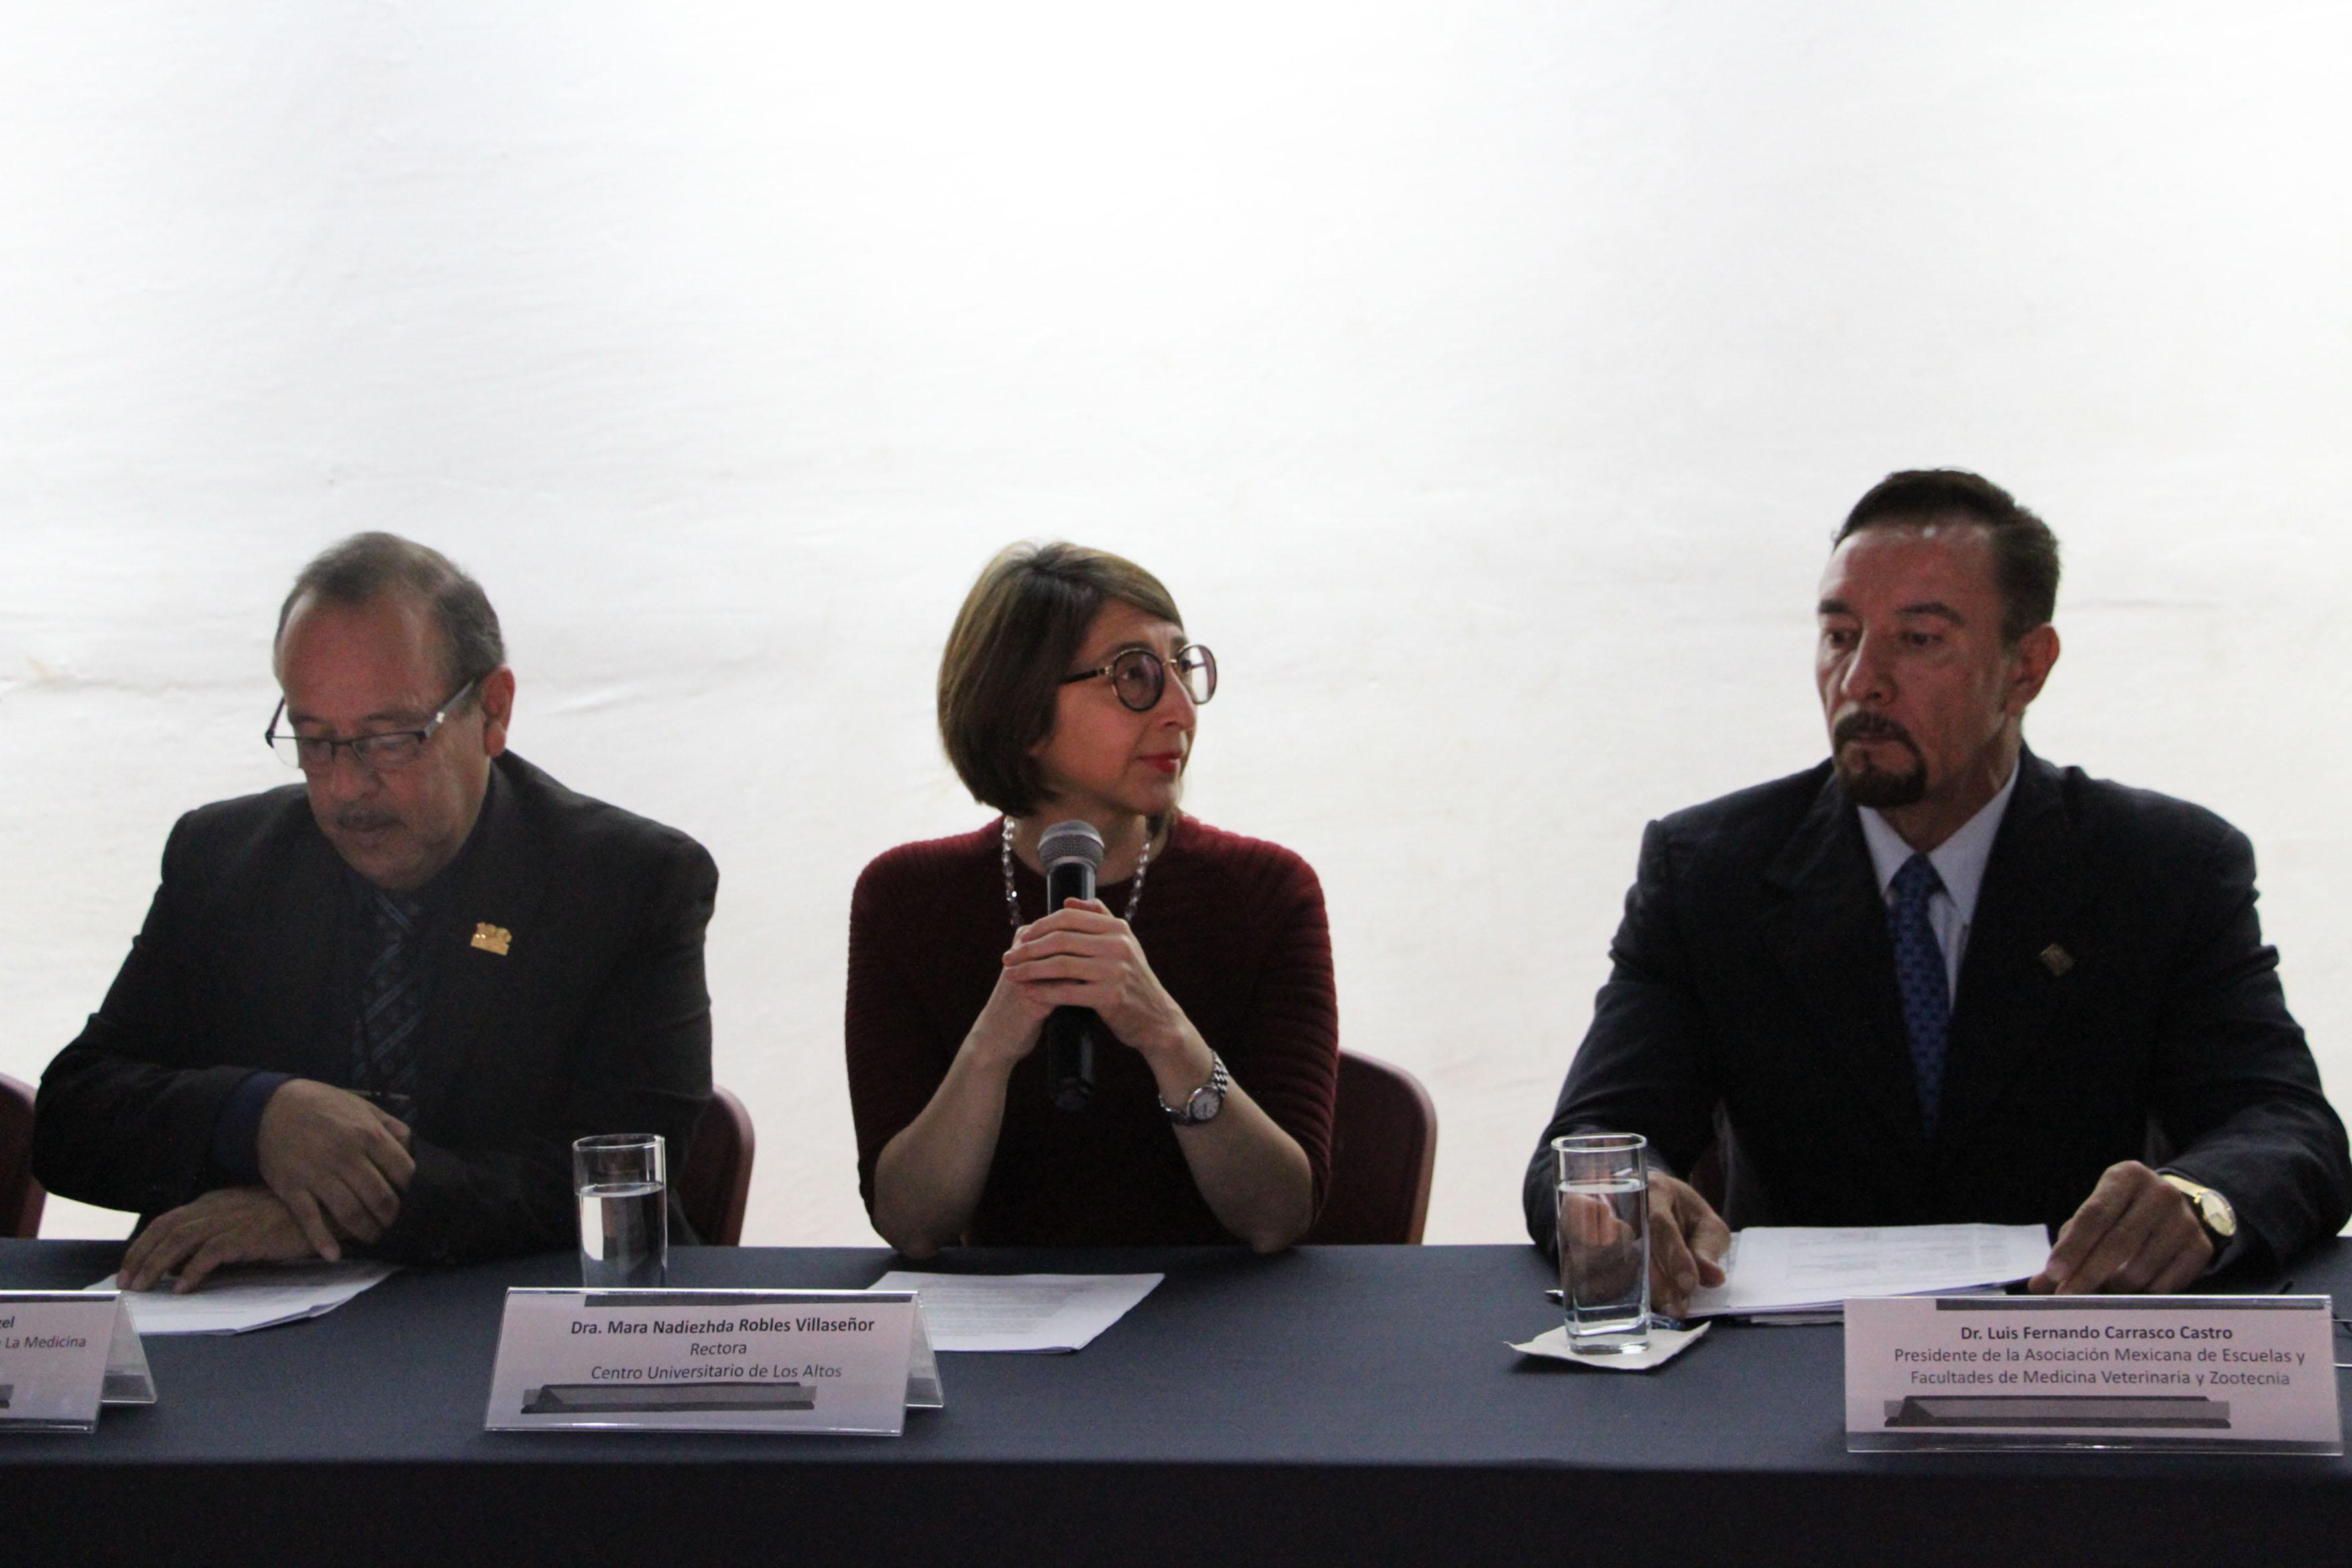 Rectora del CUAltos, doctora Mara Robles Villaseñor, con micrófono en mano, haciendo uso de la palabra, durante reunión sostenida.